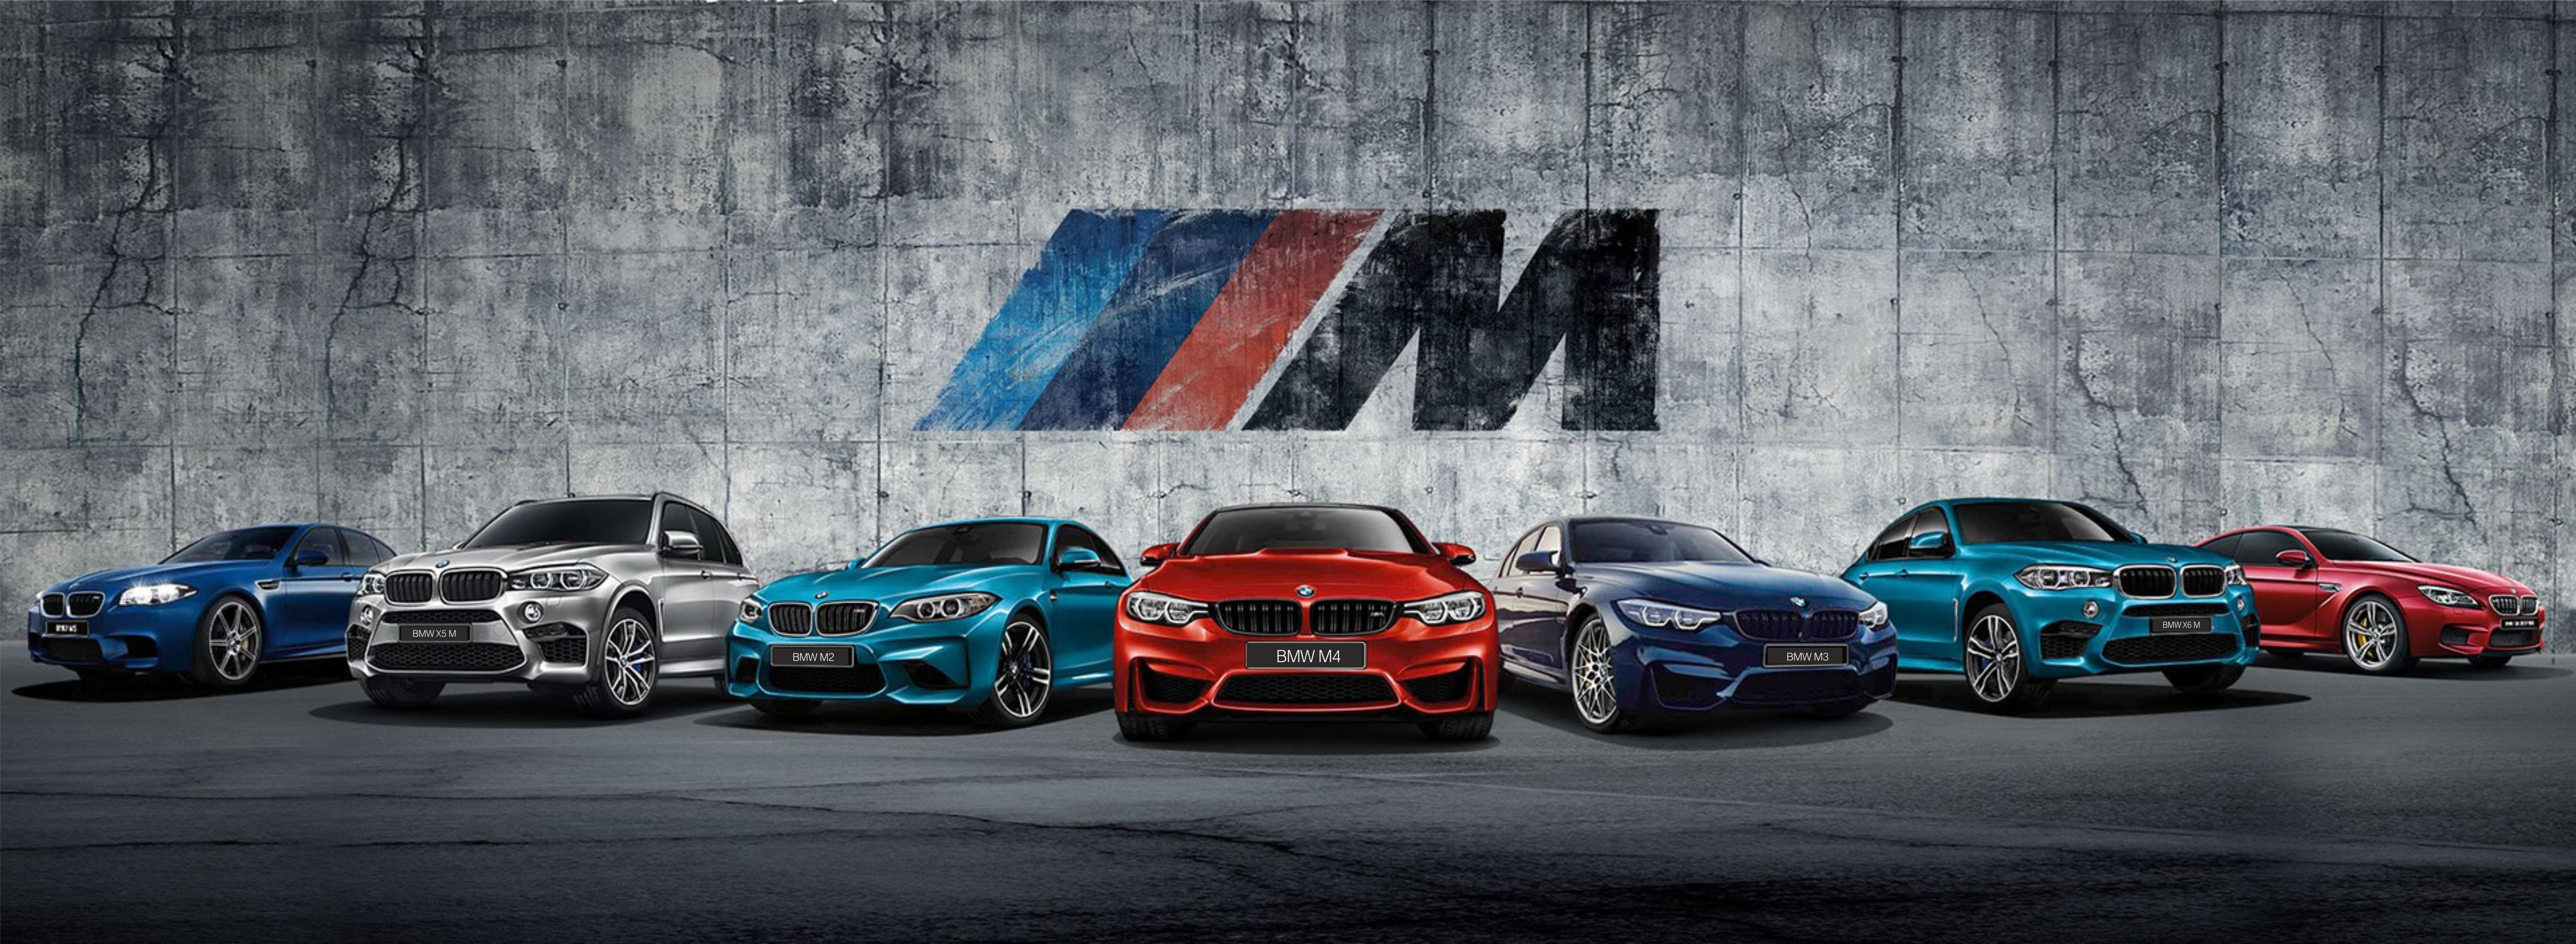 Официальный дилер BMW «Рус Моторс» стал сертифицированным дилером BMW M